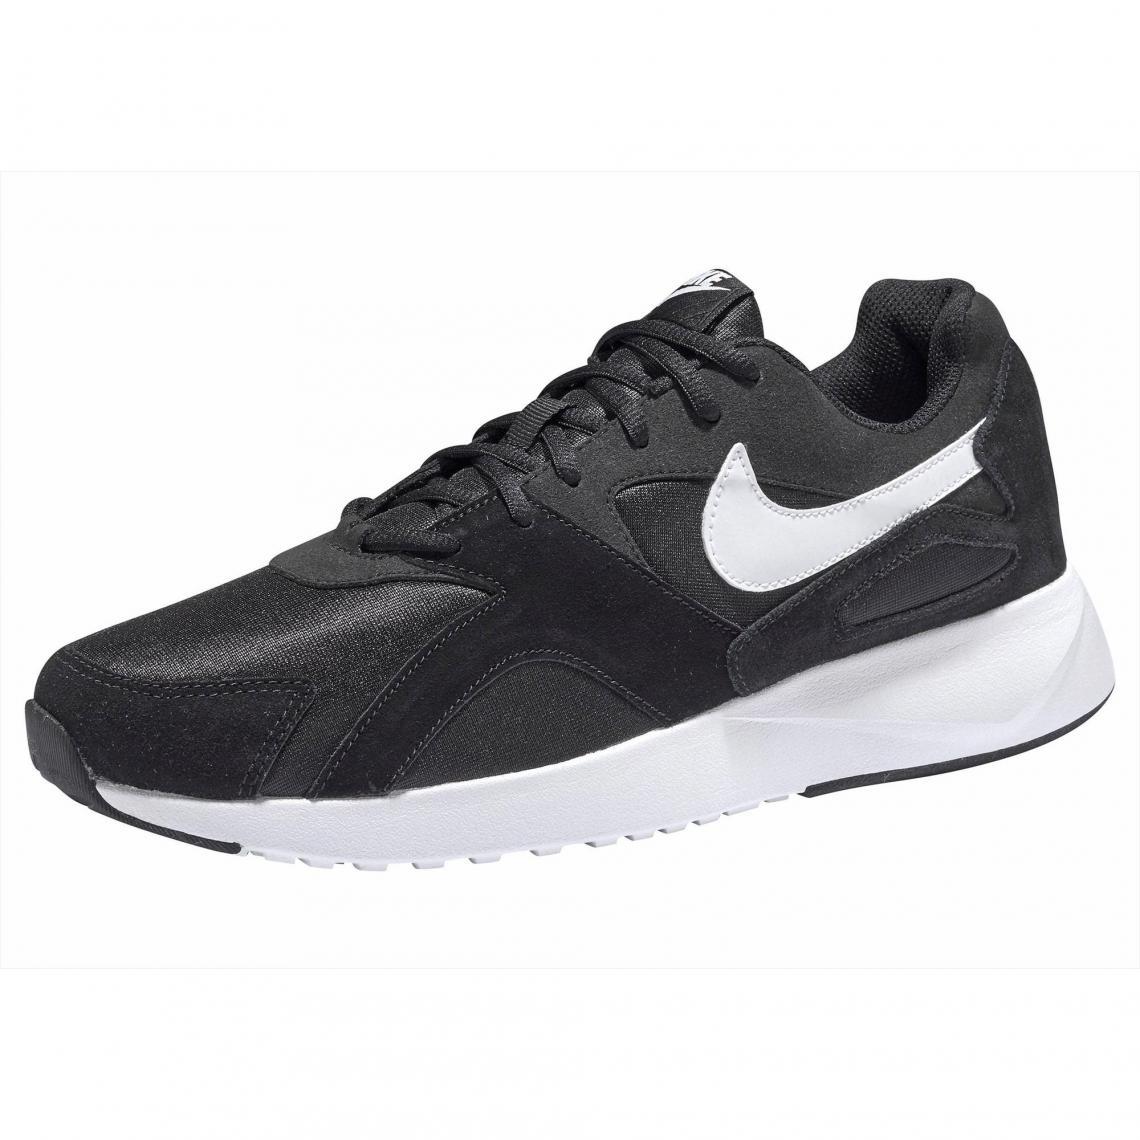 chaussure nike sportswear femme